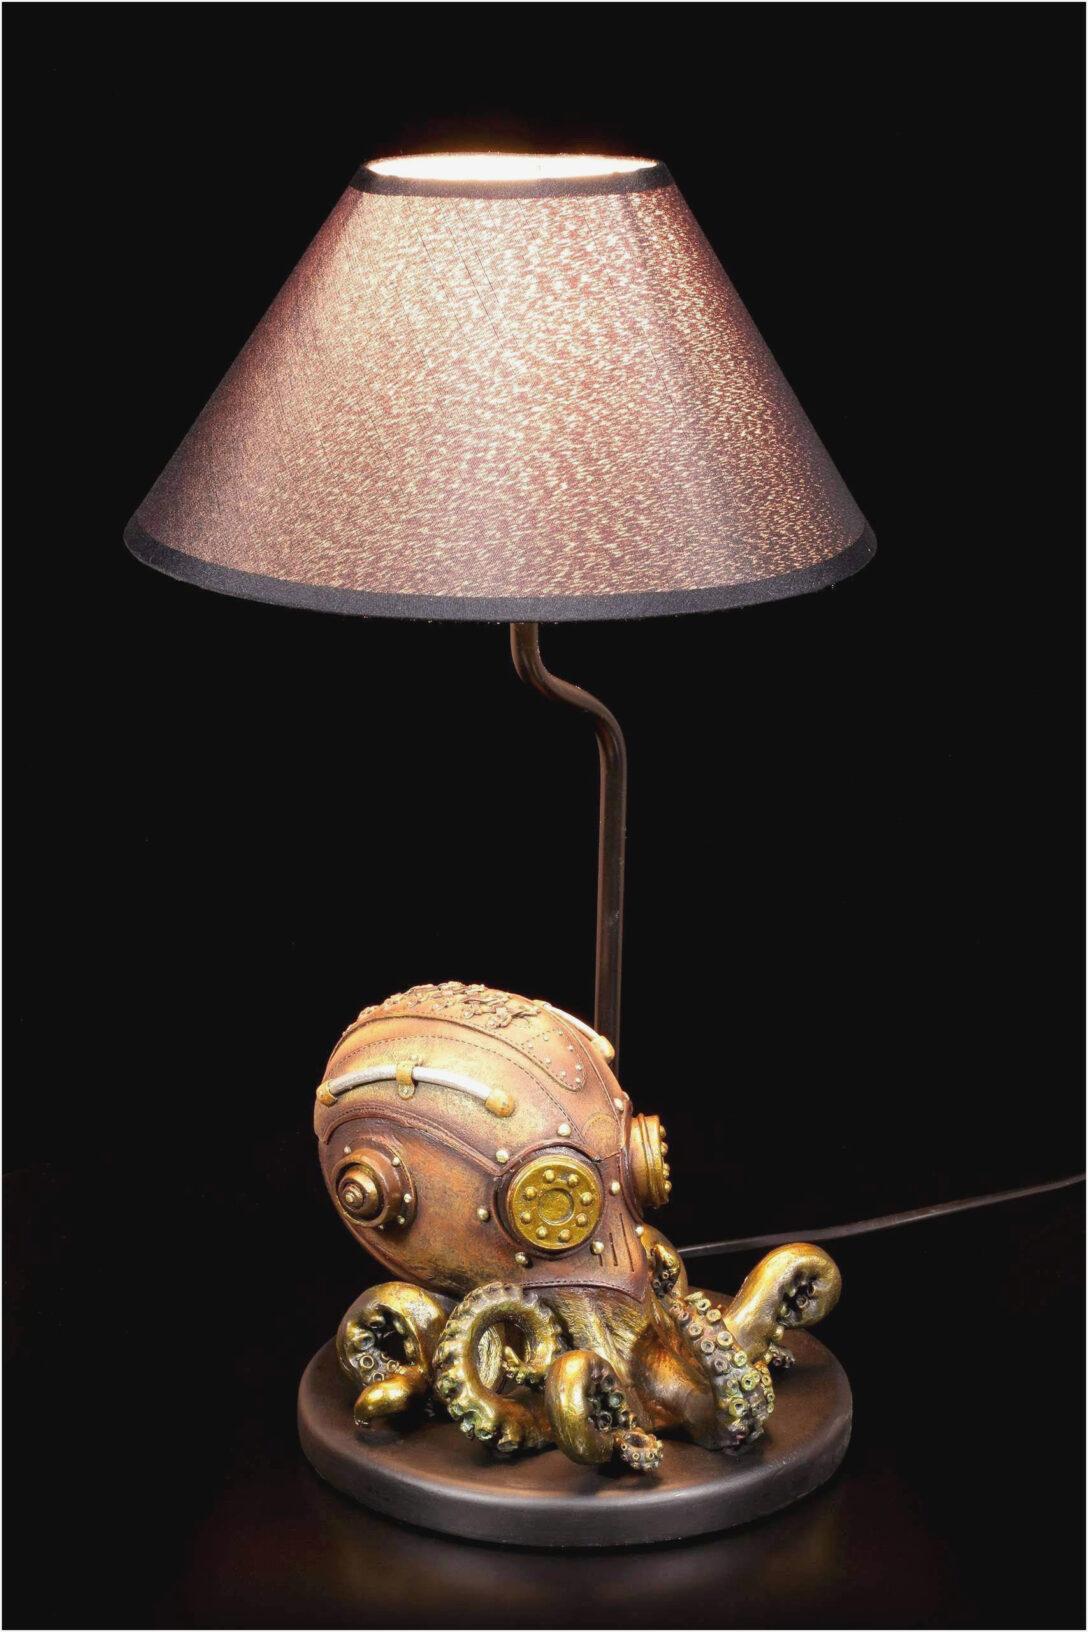 Large Size of Wohnzimmerlampen Ikea Led Wohnzimmer Lampen Gold Traumhaus Dekoration Sofa Mit Schlaffunktion Betten Bei Modulküche 160x200 Miniküche Küche Kaufen Kosten Wohnzimmer Wohnzimmerlampen Ikea